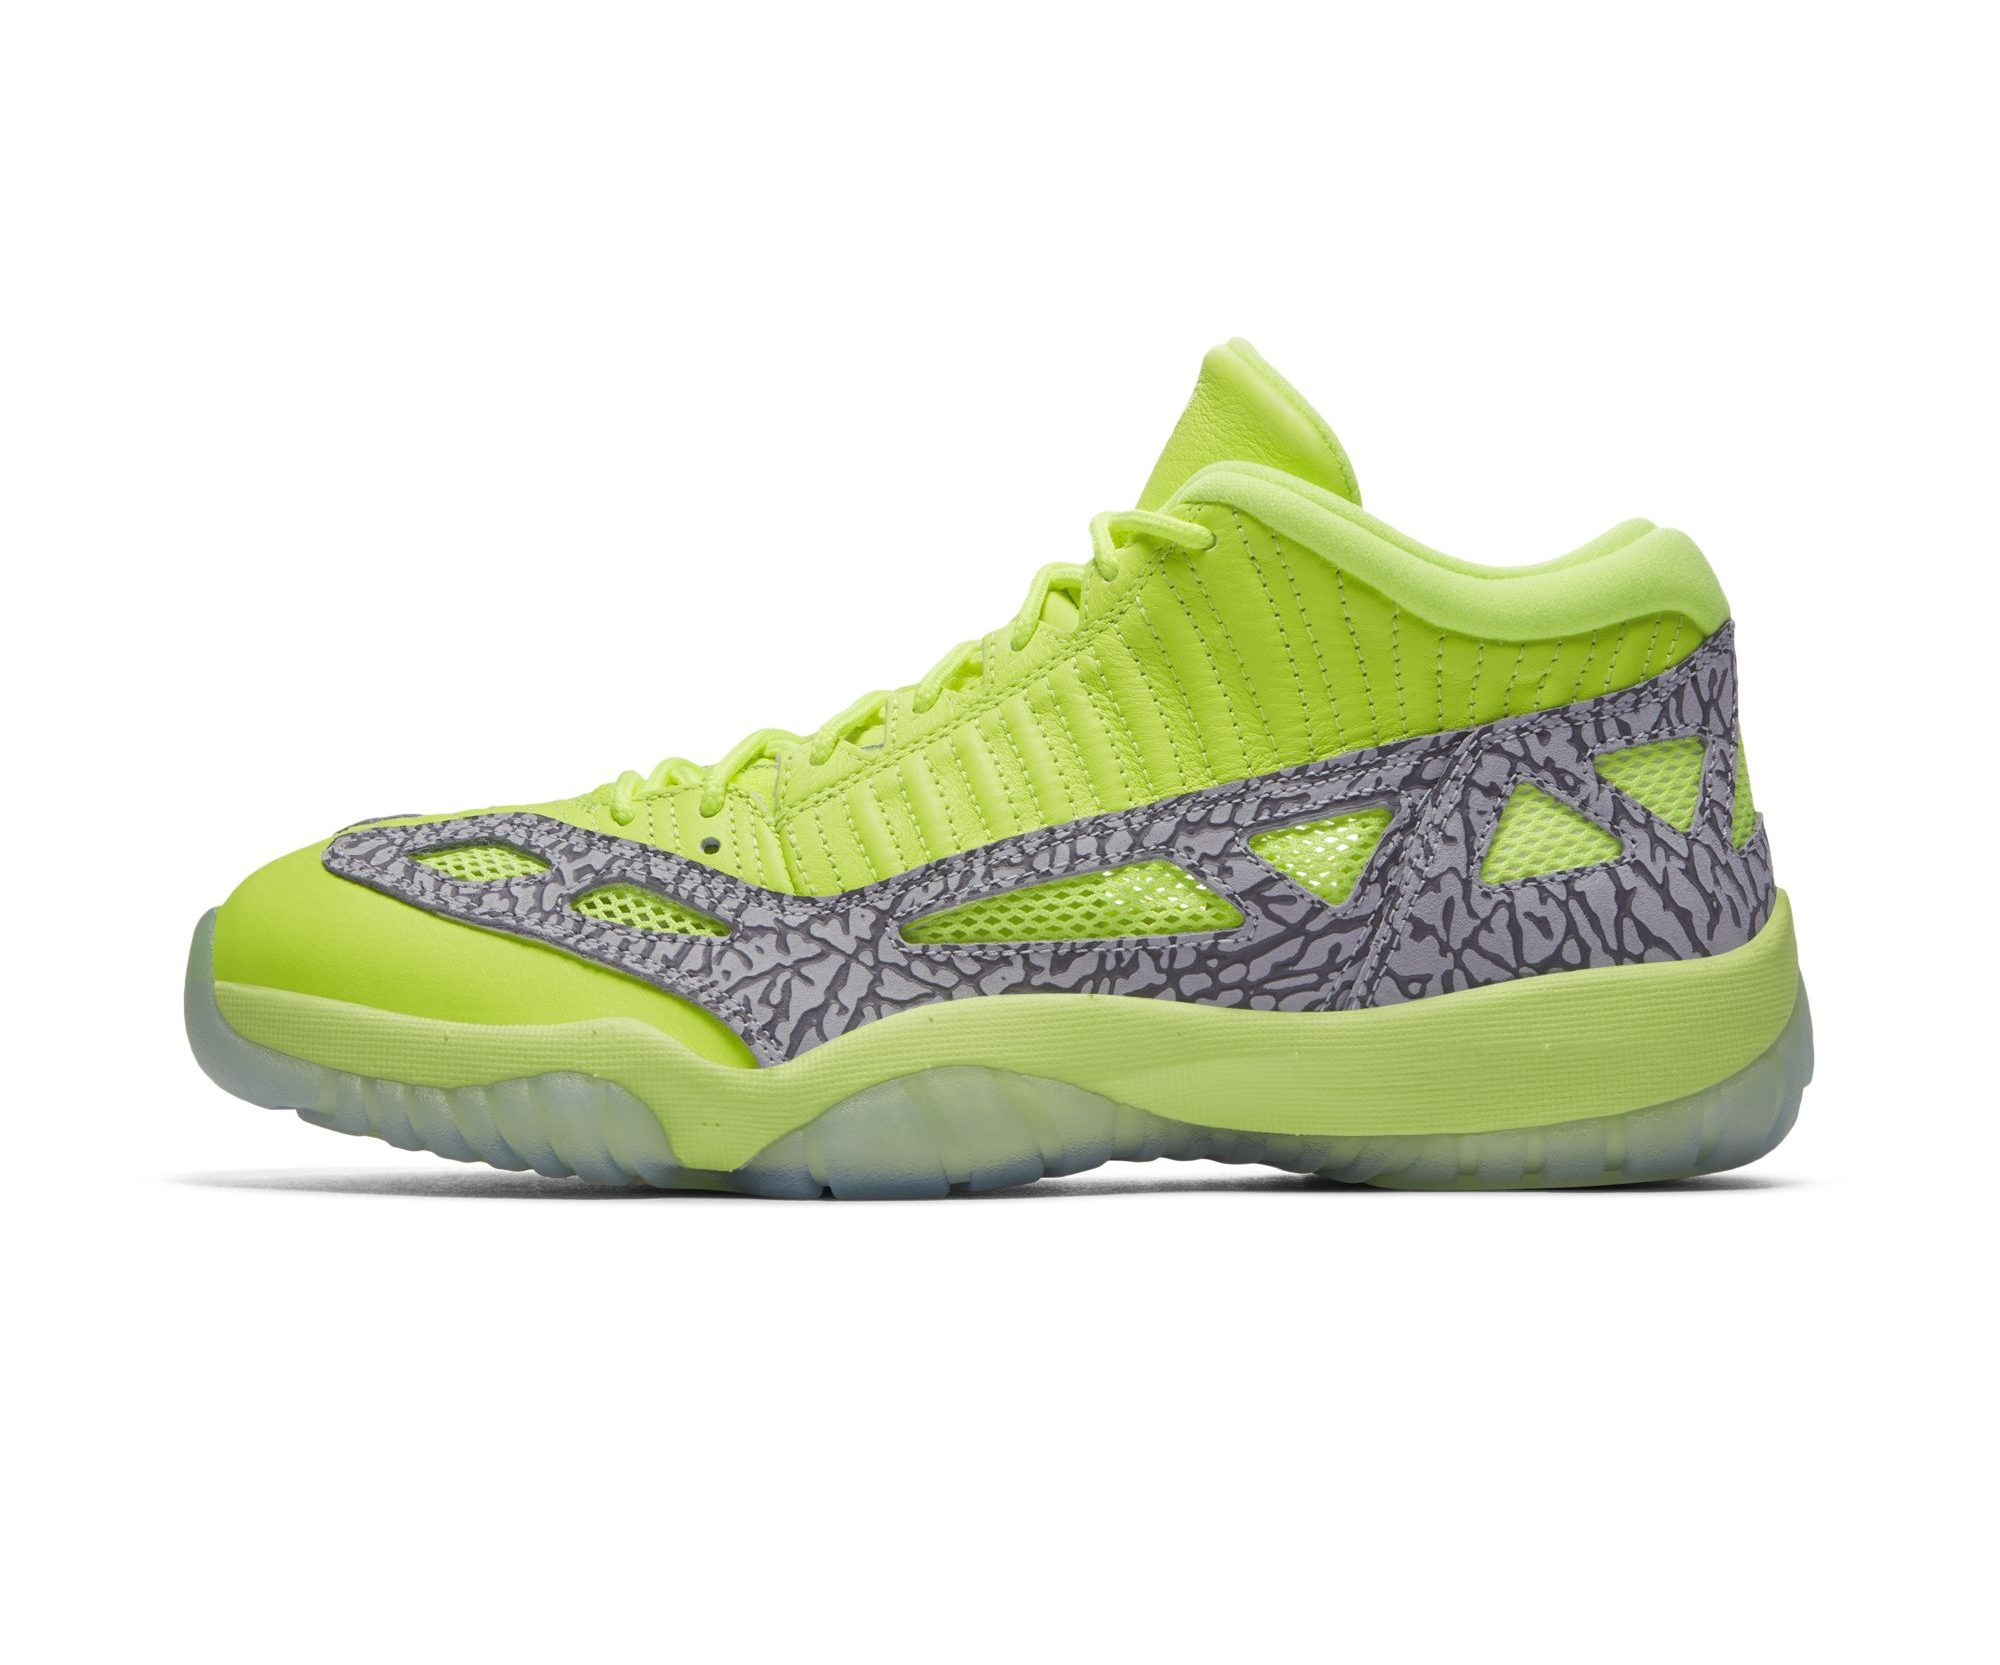 Air Jordan 11 Low IE Volt 3